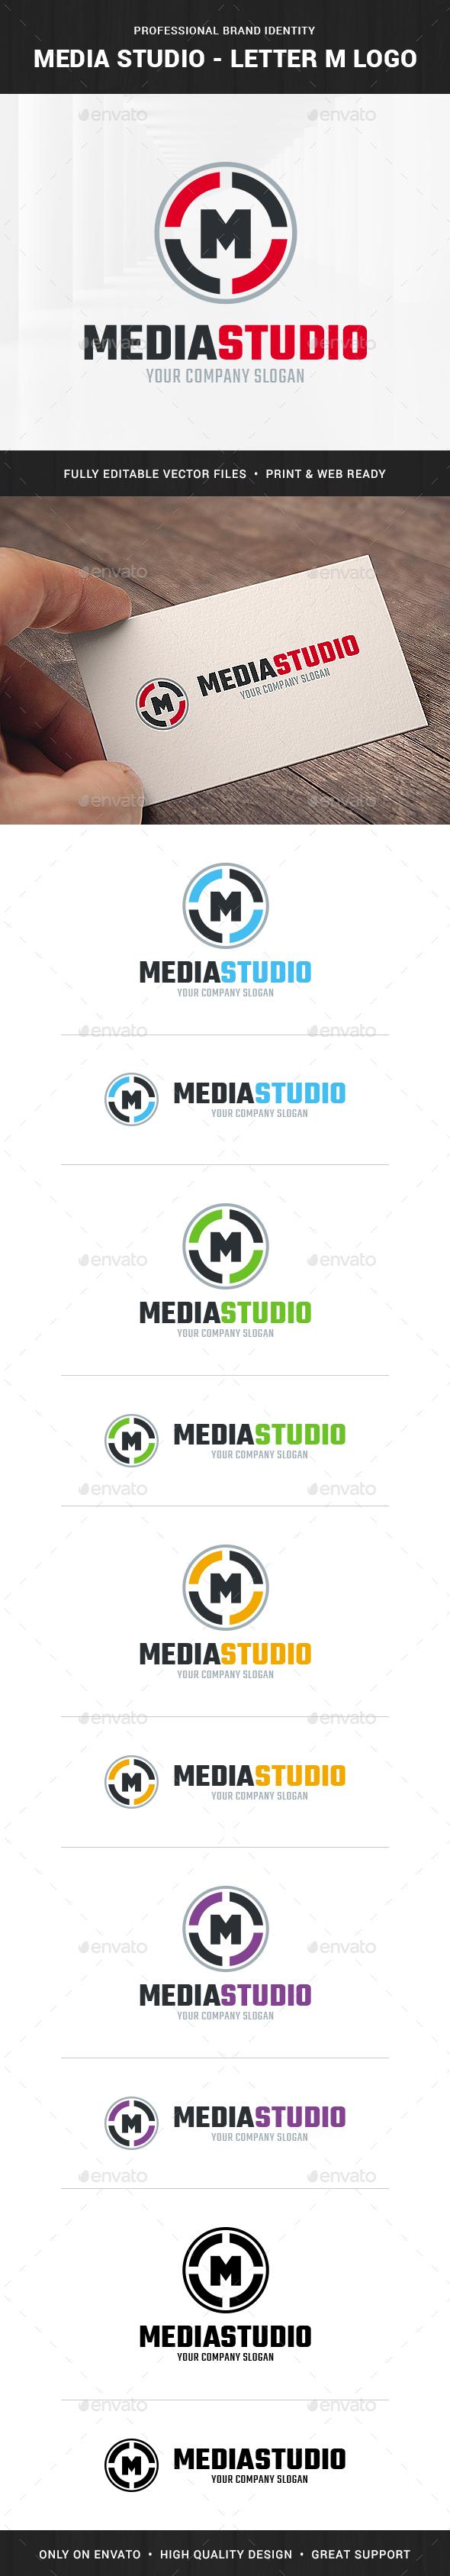 Media Studio - Letter M Logo